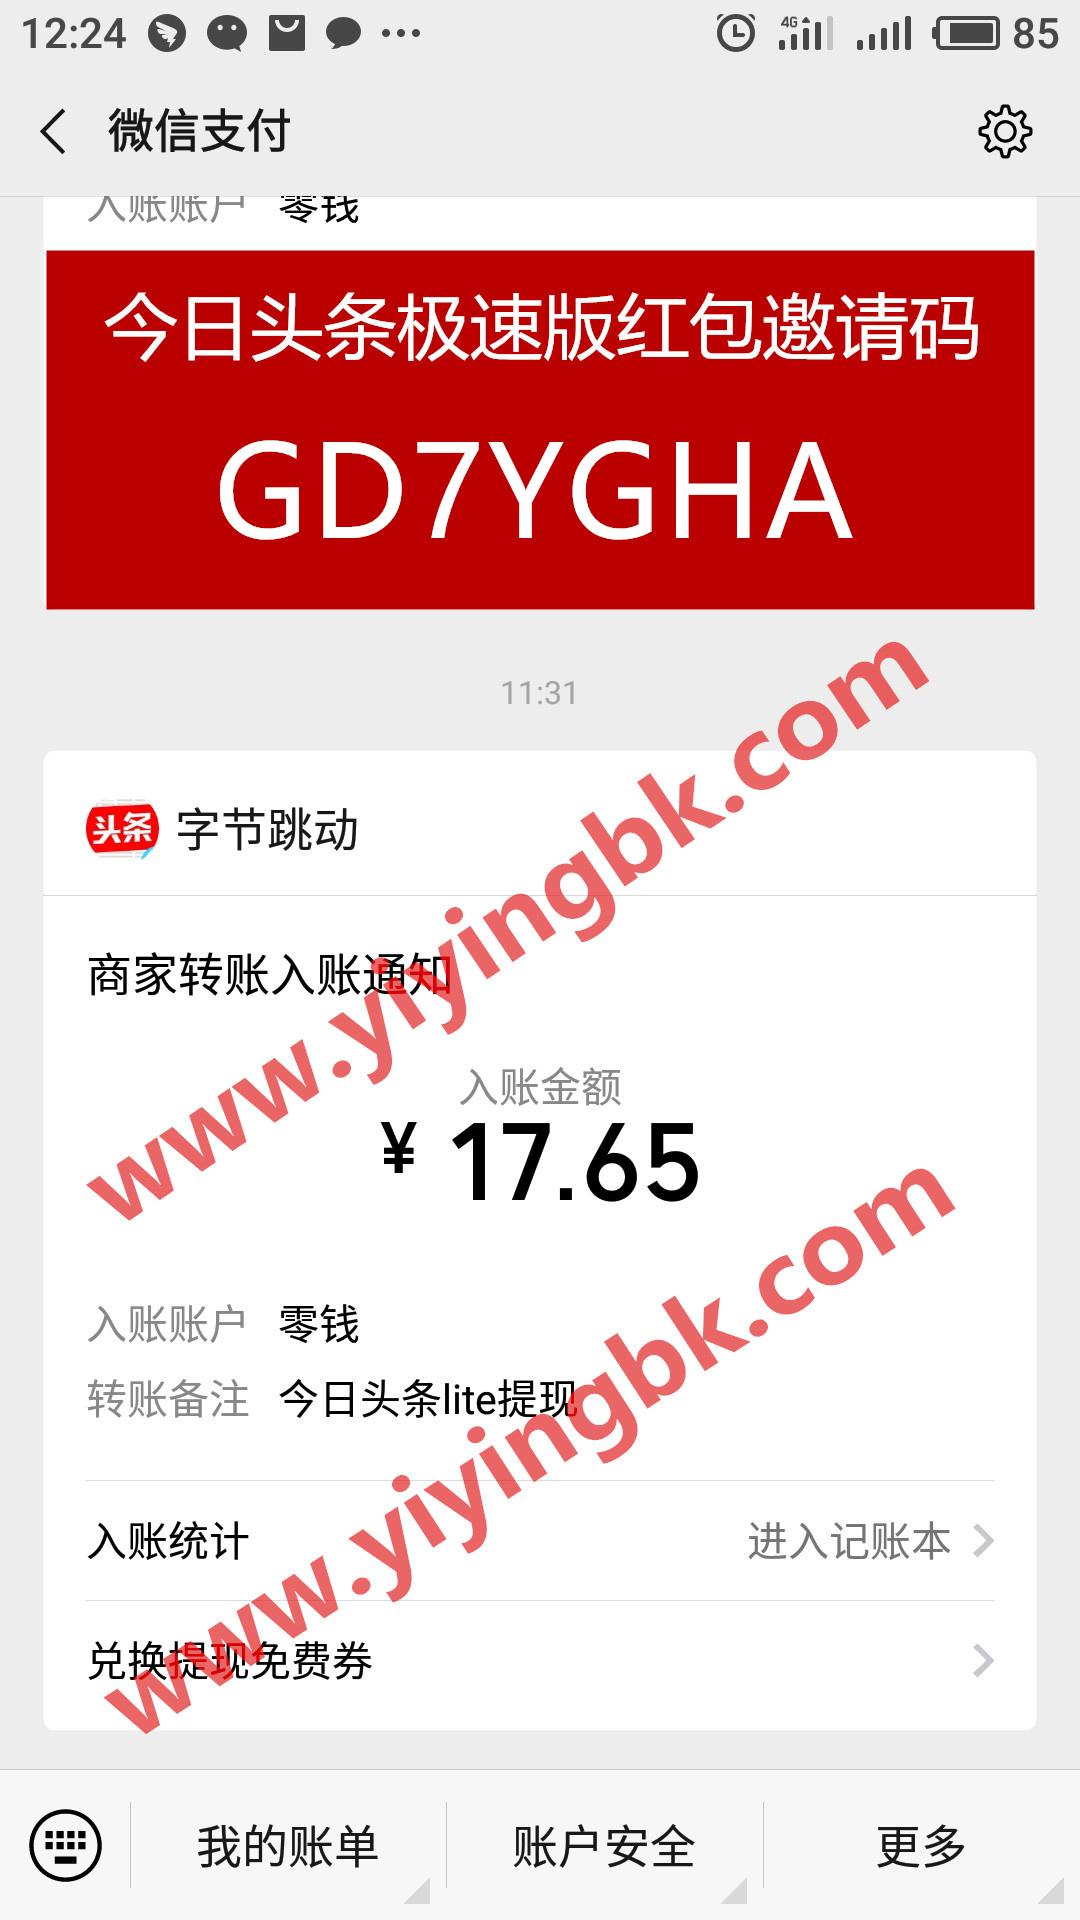 今日头条赚钱极速版,微信提现17.65元支付快速到账。www.yiyingbk.com